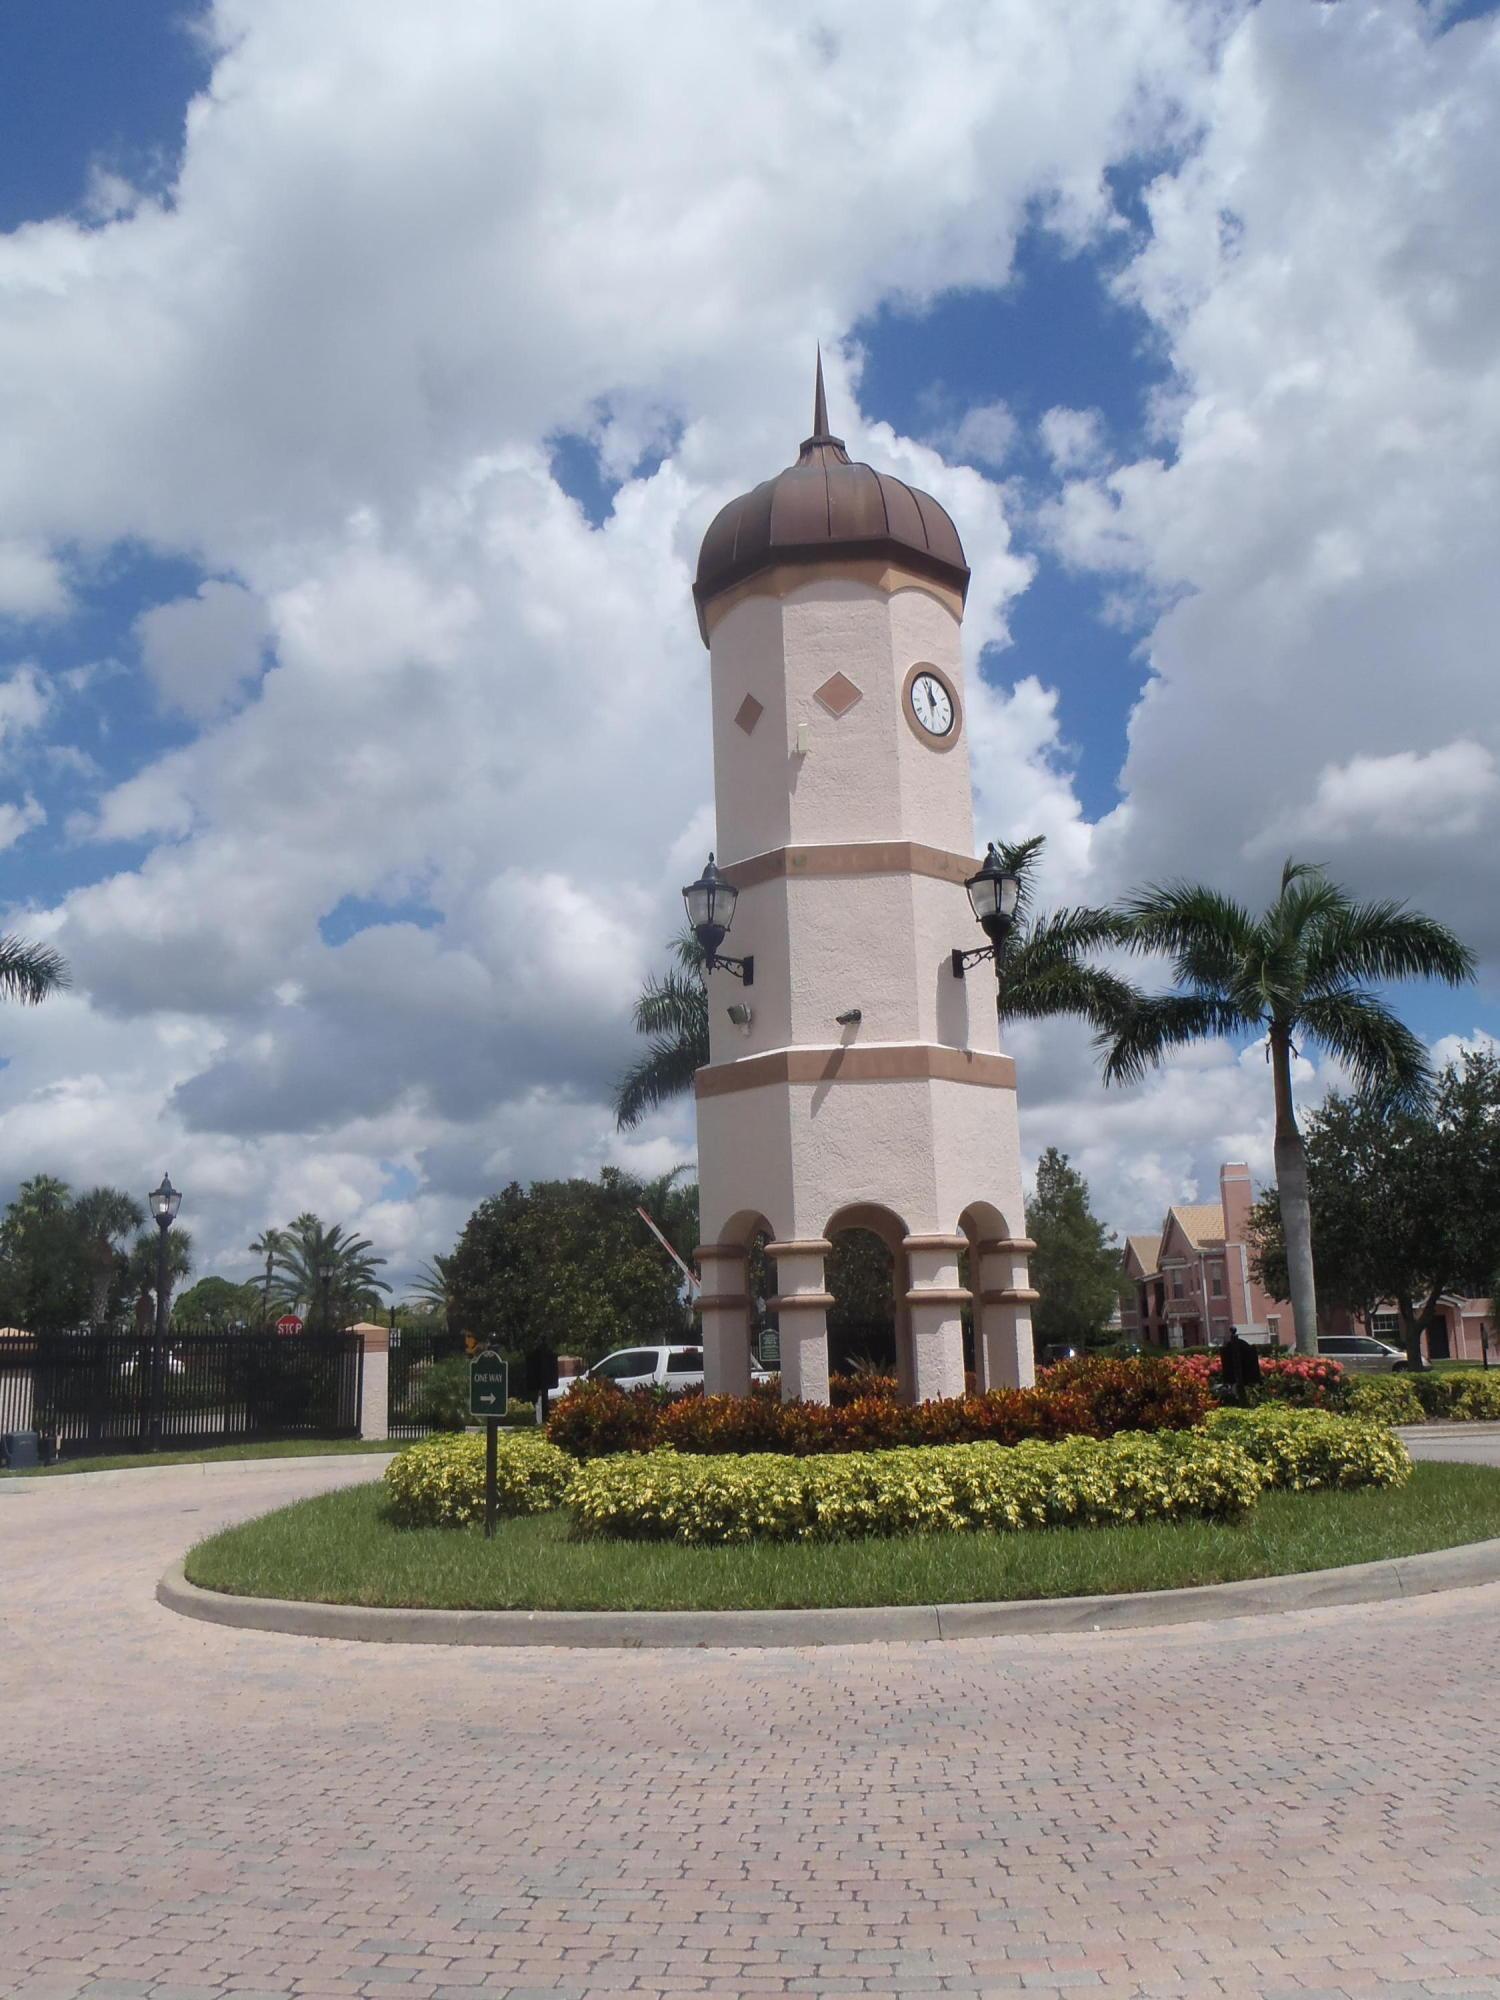 156 SW Peacock Boulevard Saint Lucie West, FL 34986 RX-10360342